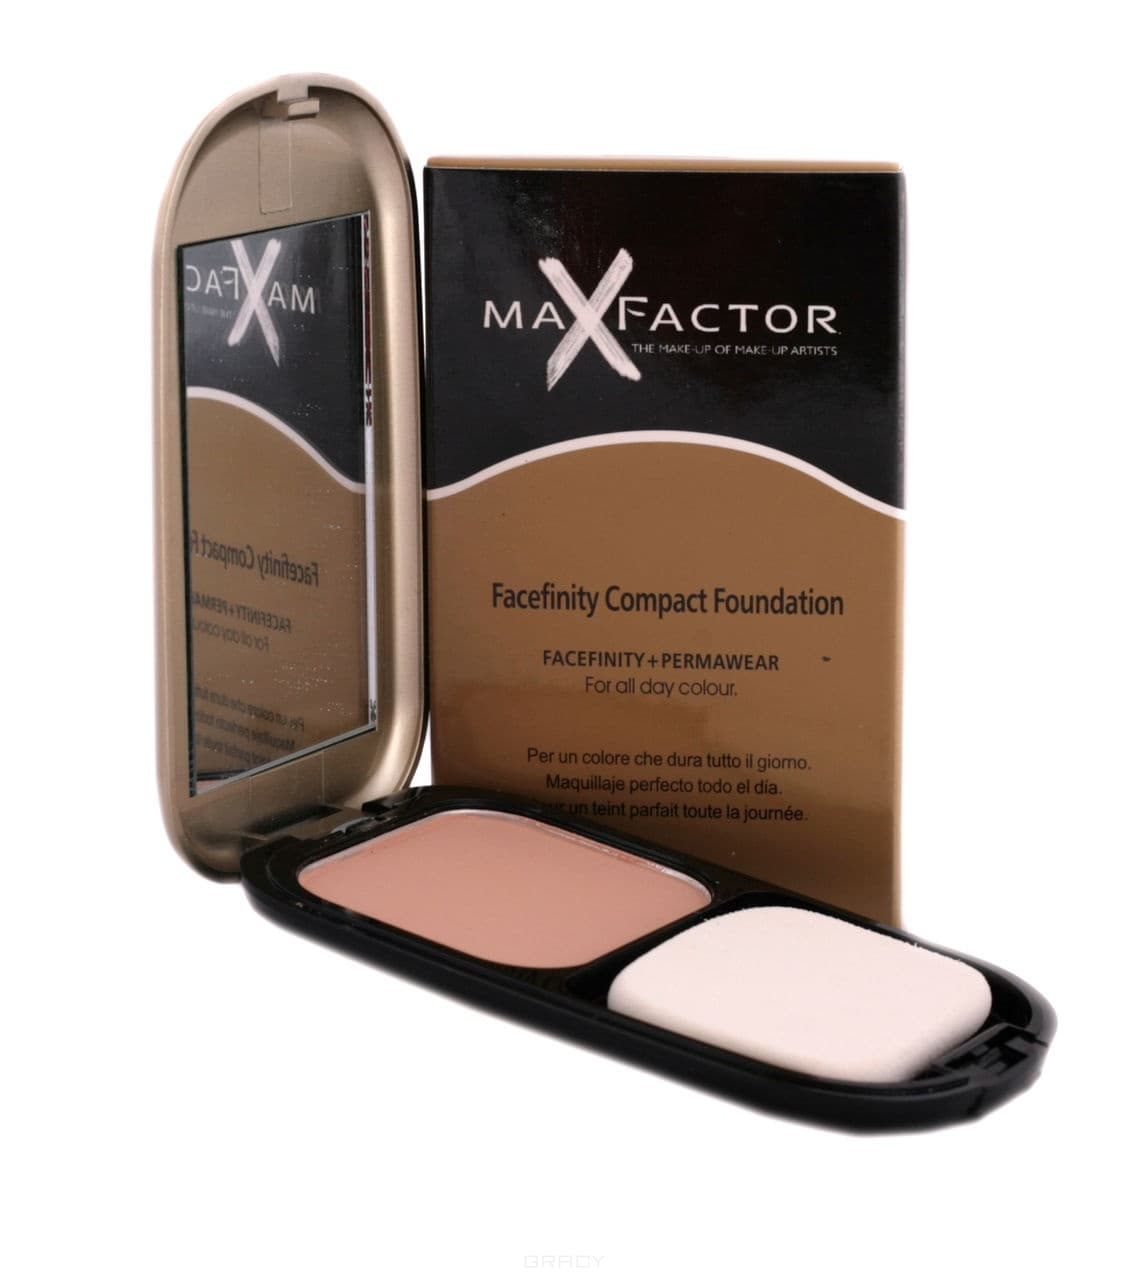 Max Factor Пудра Facefinity Compact Foundation, 10 гр. (5 оттенков), Пудра Facefinity Compact Foundation (5 оттенков), 10 гр., 10 гр. Цвет: 2 Слоновая кость